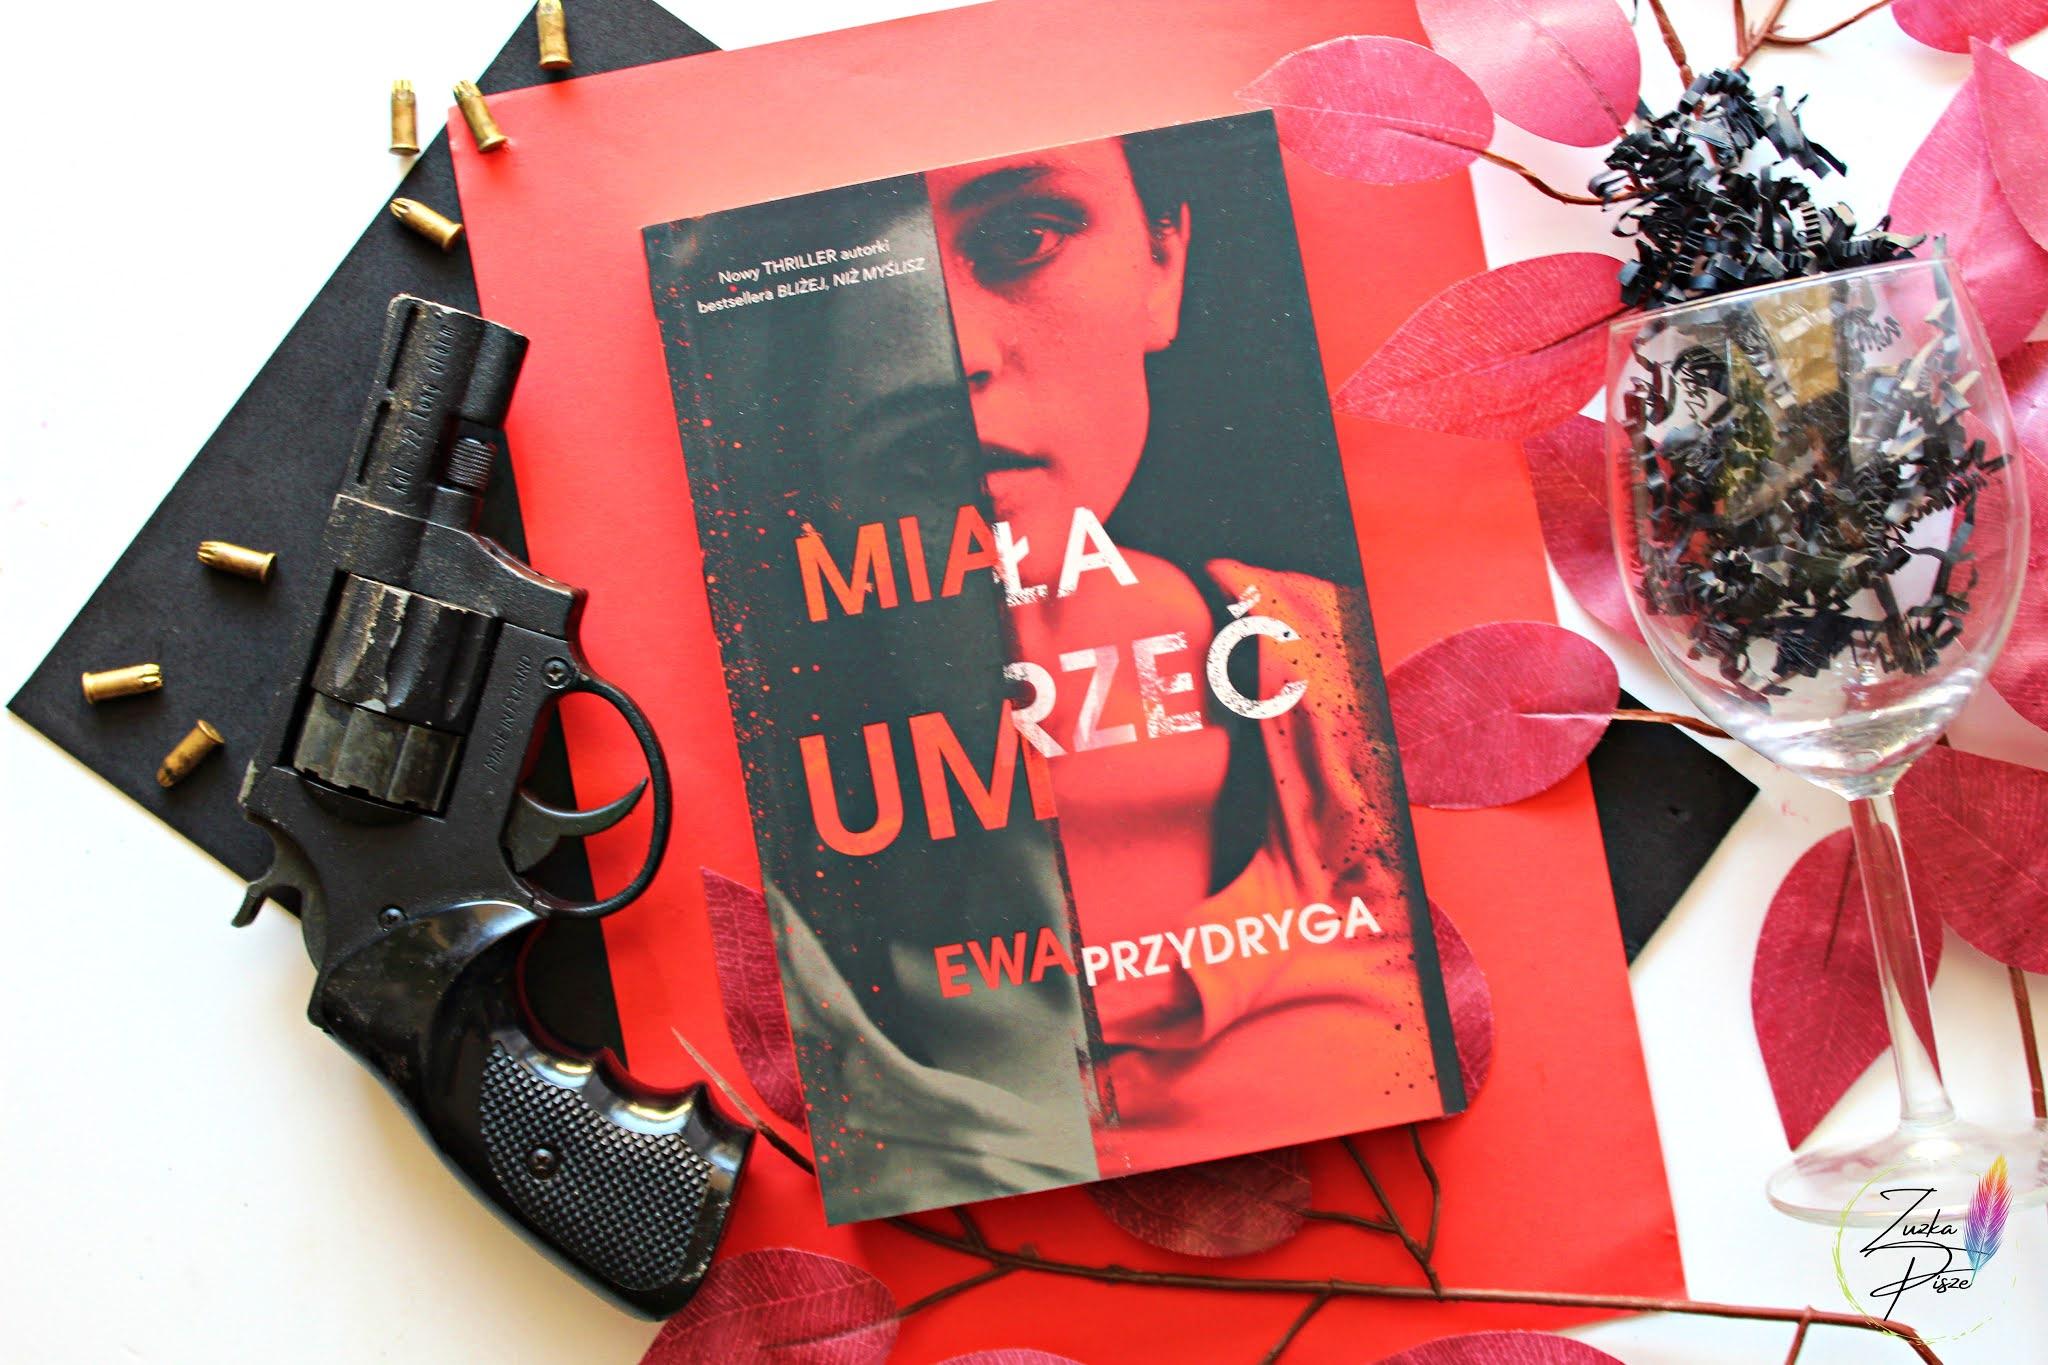 """Ewa Przydryga """"Miała umrzeć"""" - recenzja książki"""